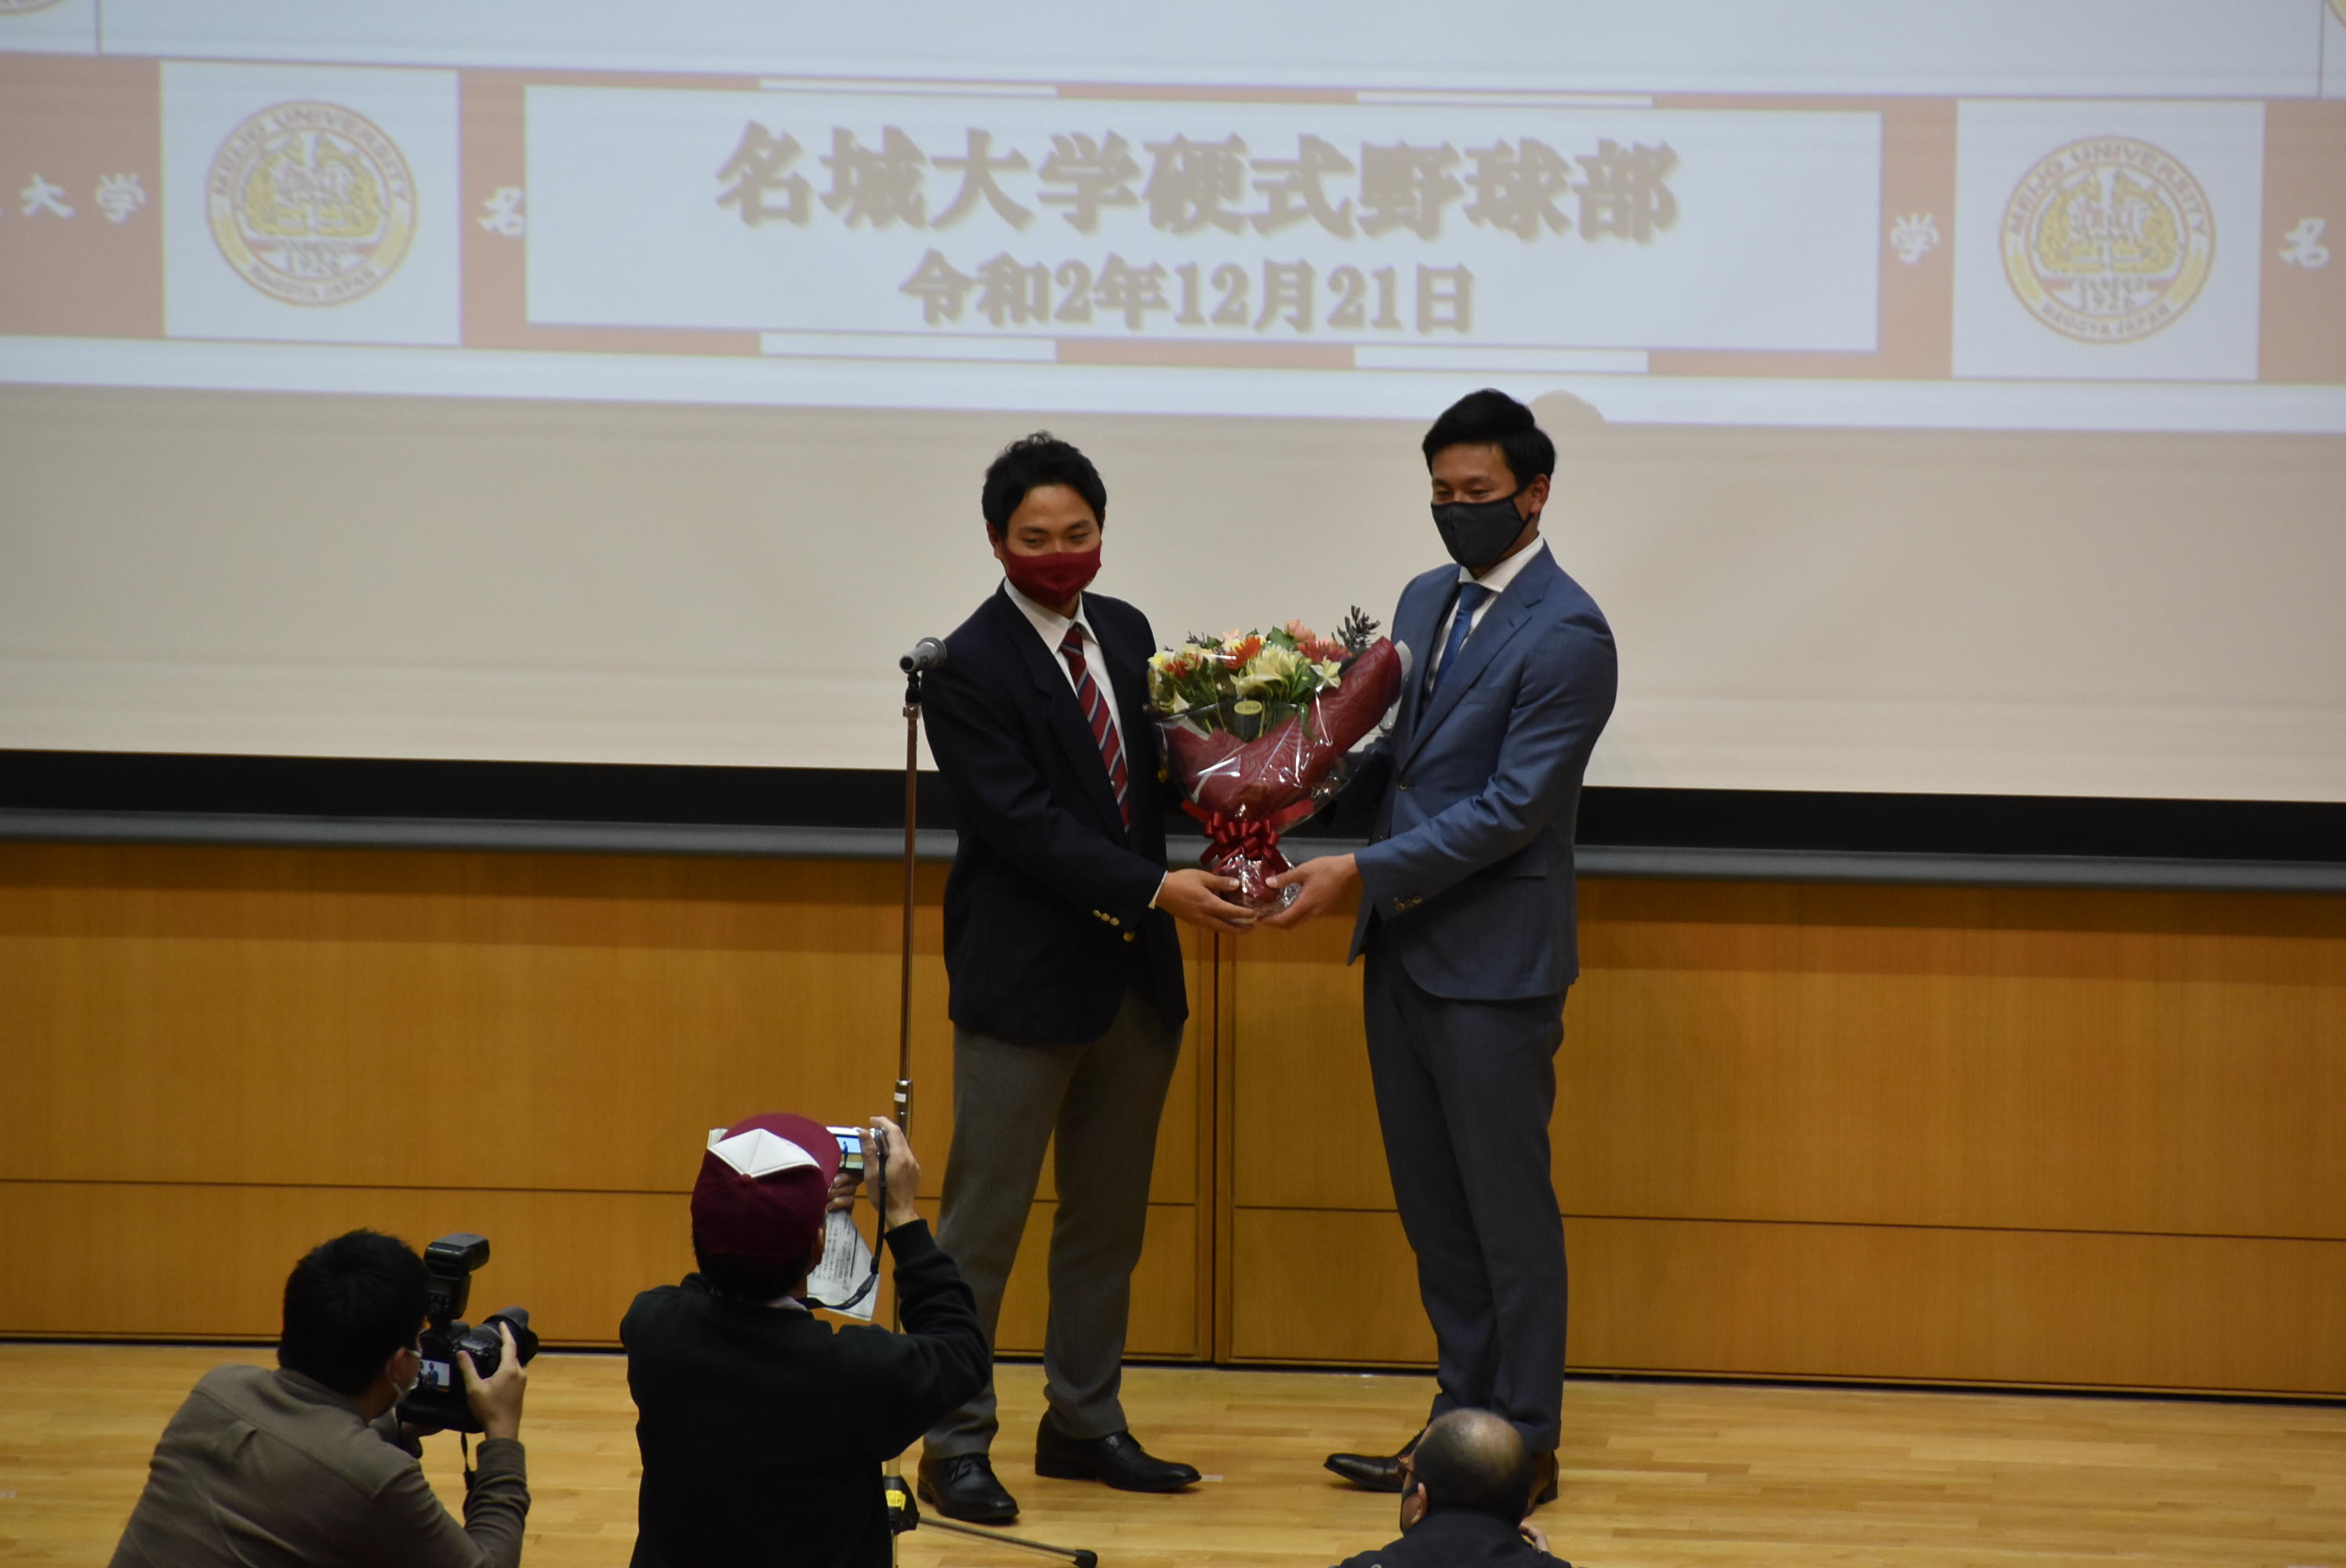 飯田隆志主将(左)から花束を受け取る栗林投手